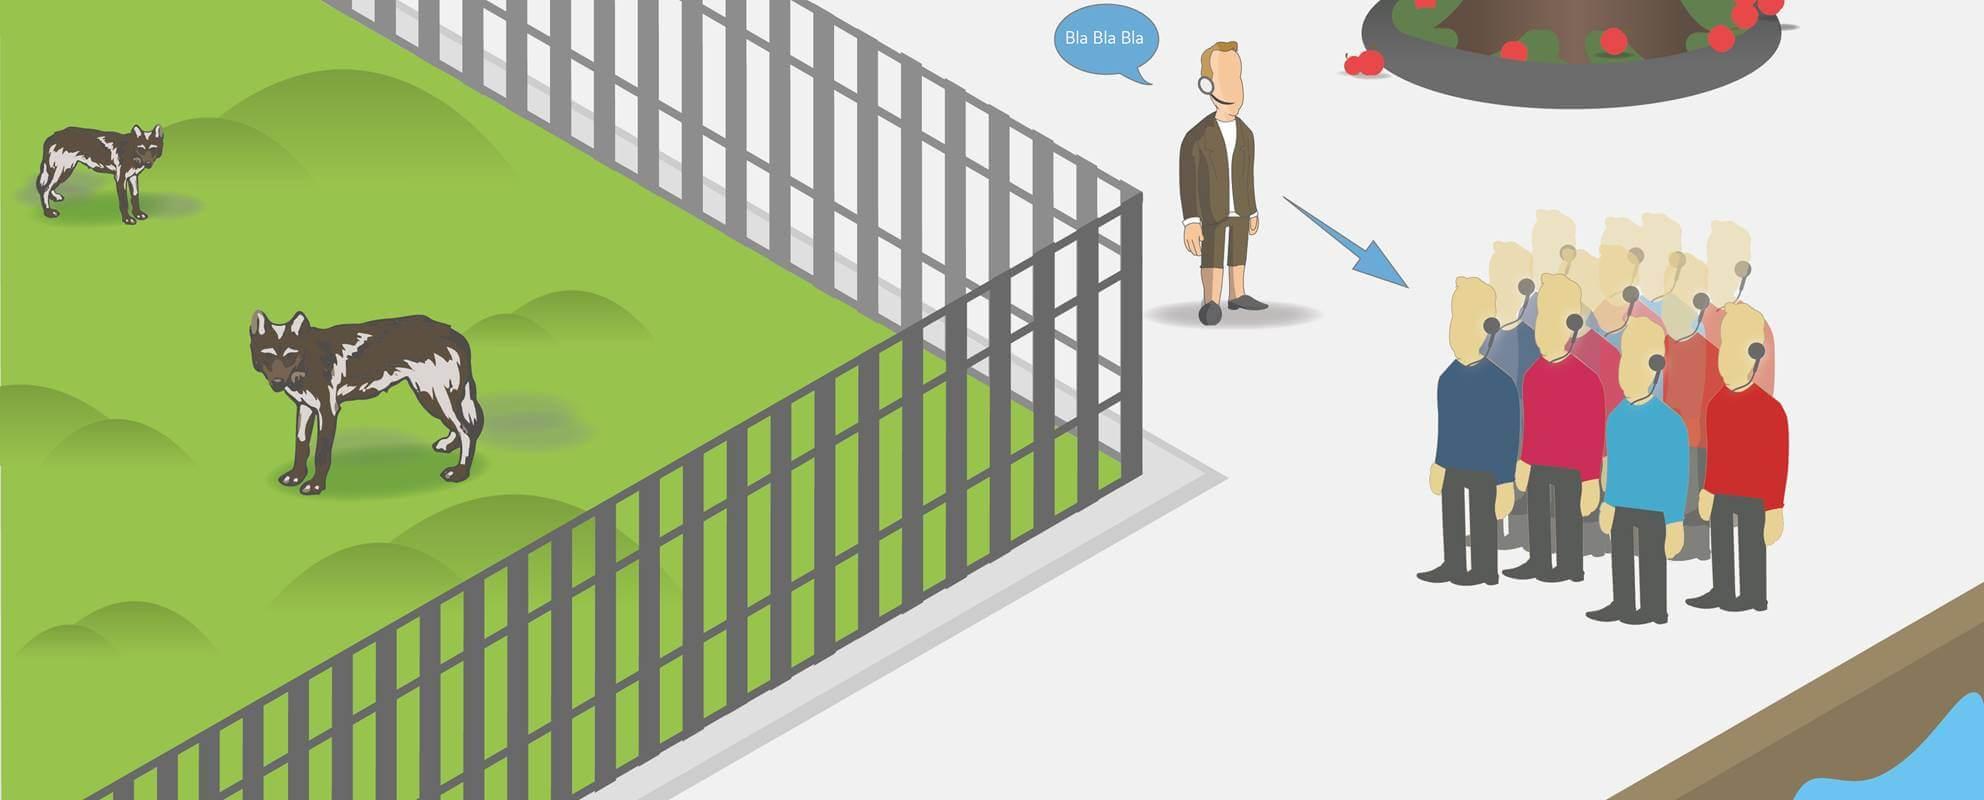 axitour-communication-systems-communicatie-systemen-rondleidingen-amusement